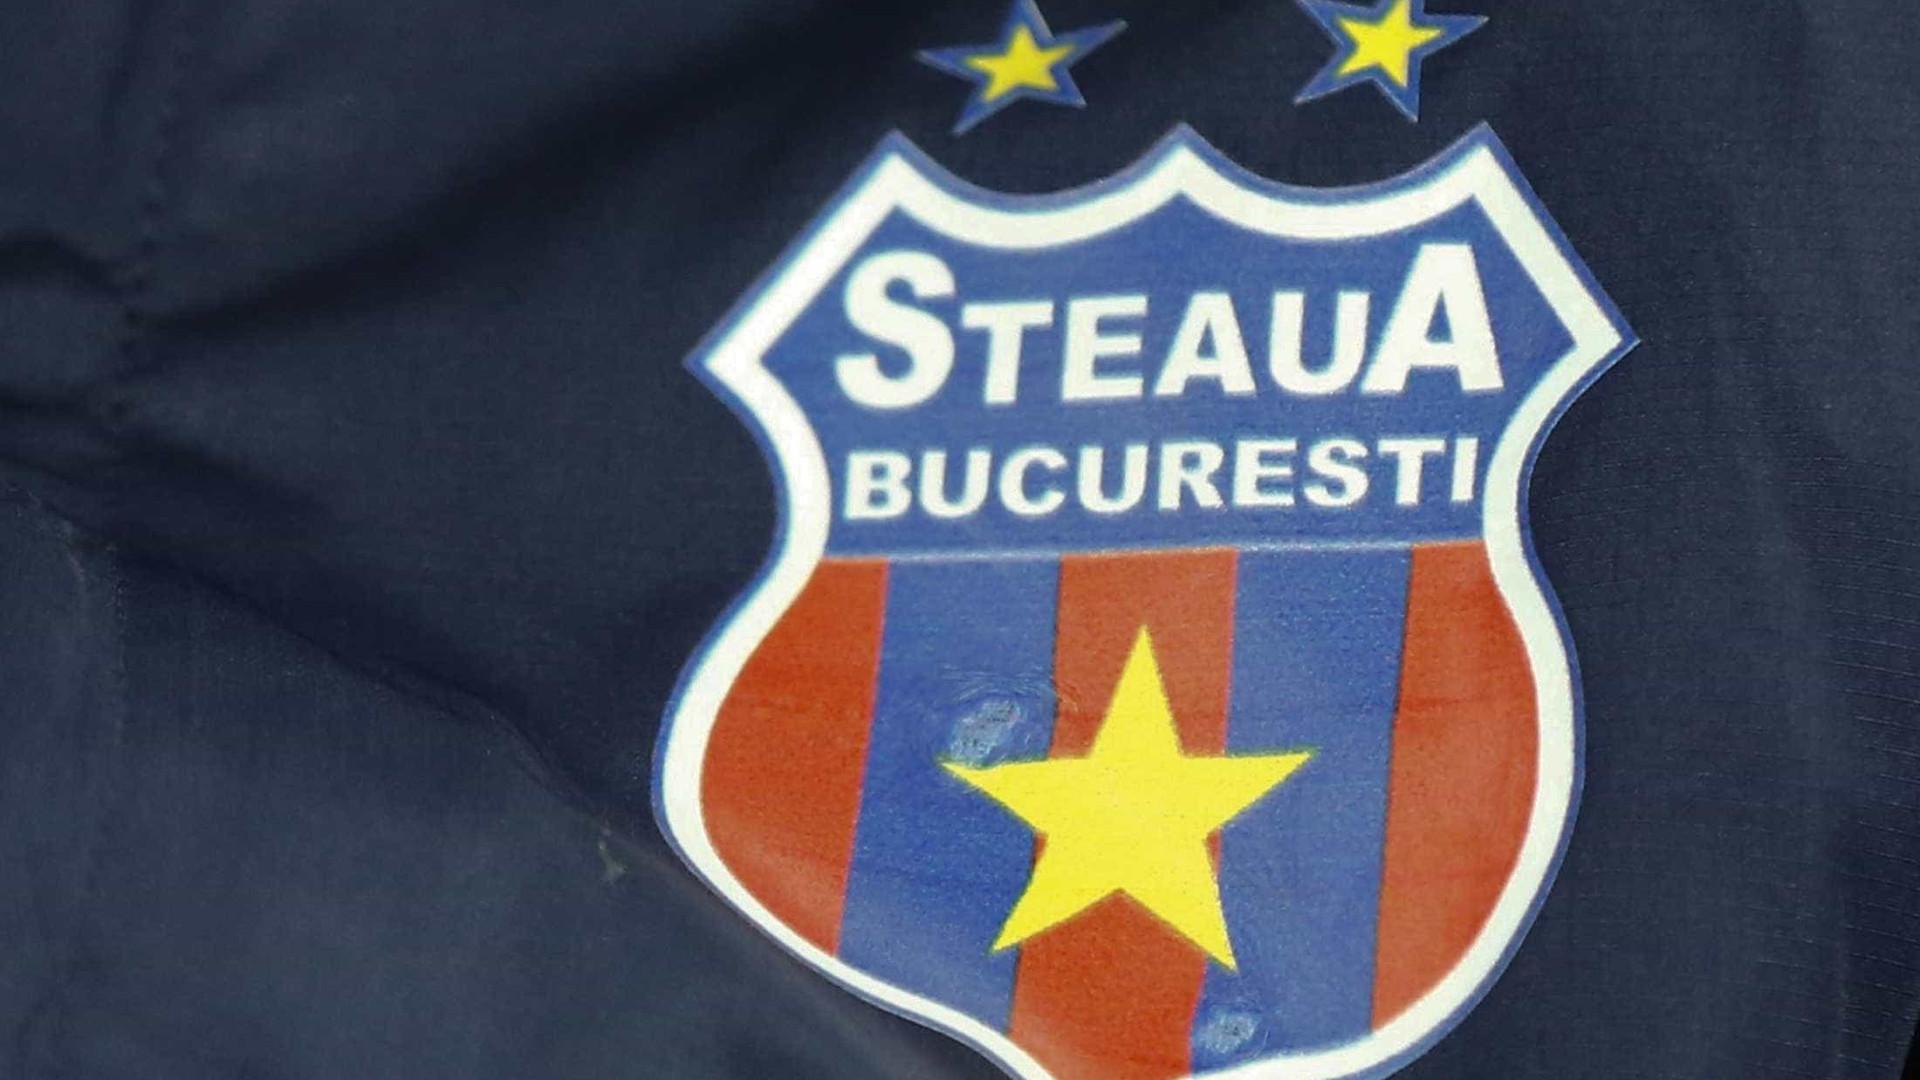 Jornalista romeno mostrou o (mau) estado em que está o Estádio do Steaua